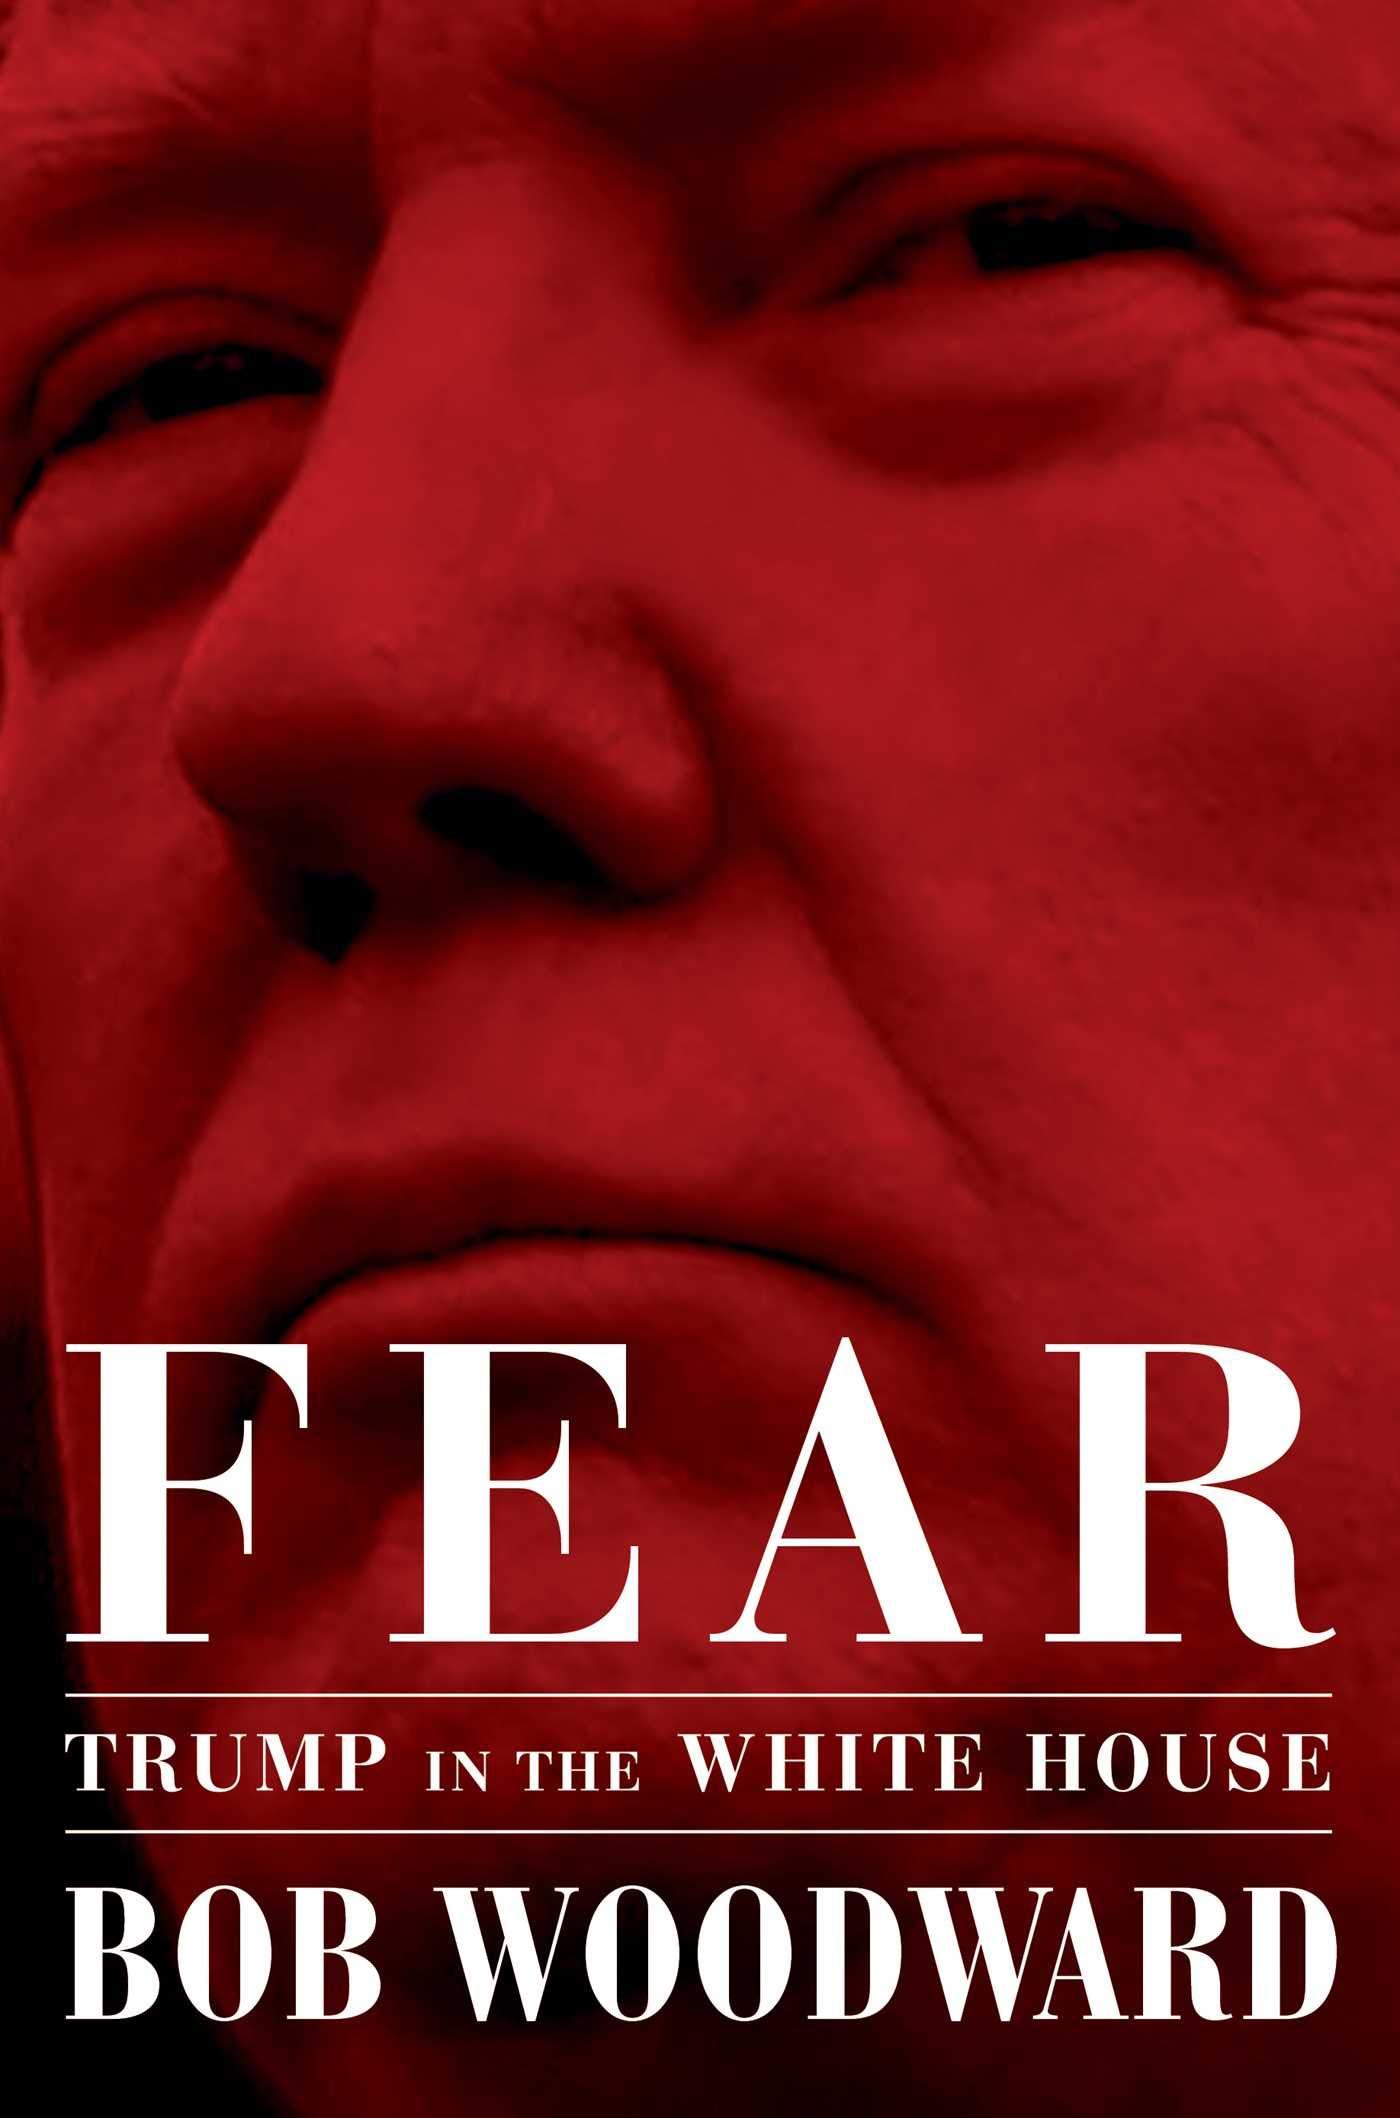 Citaten Scribbr Korea : Amazon.com: fear: trump in the white house ebook: bob woodward